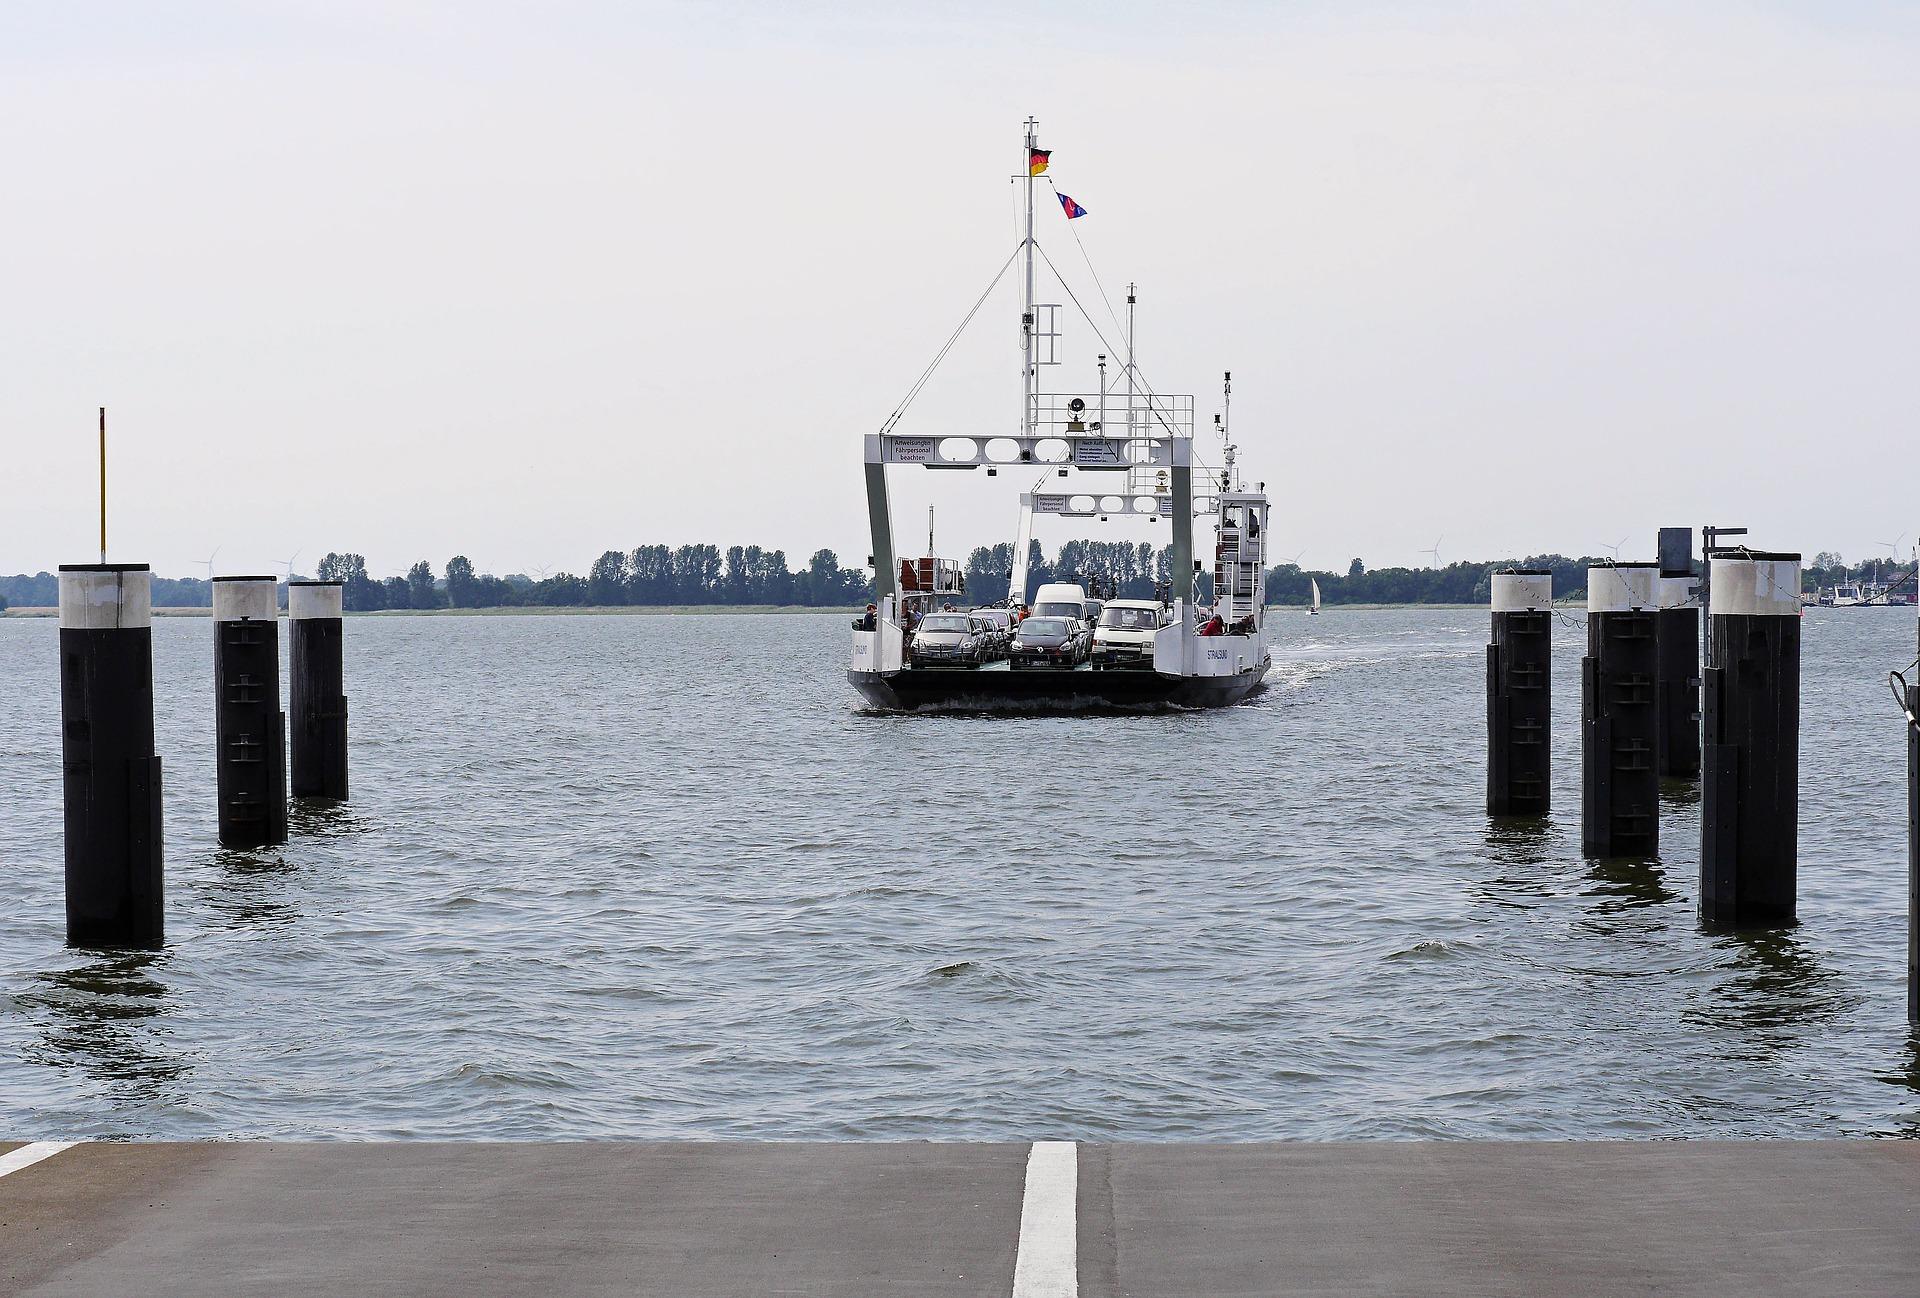 rugen-ferry-2278046_1920.jpg